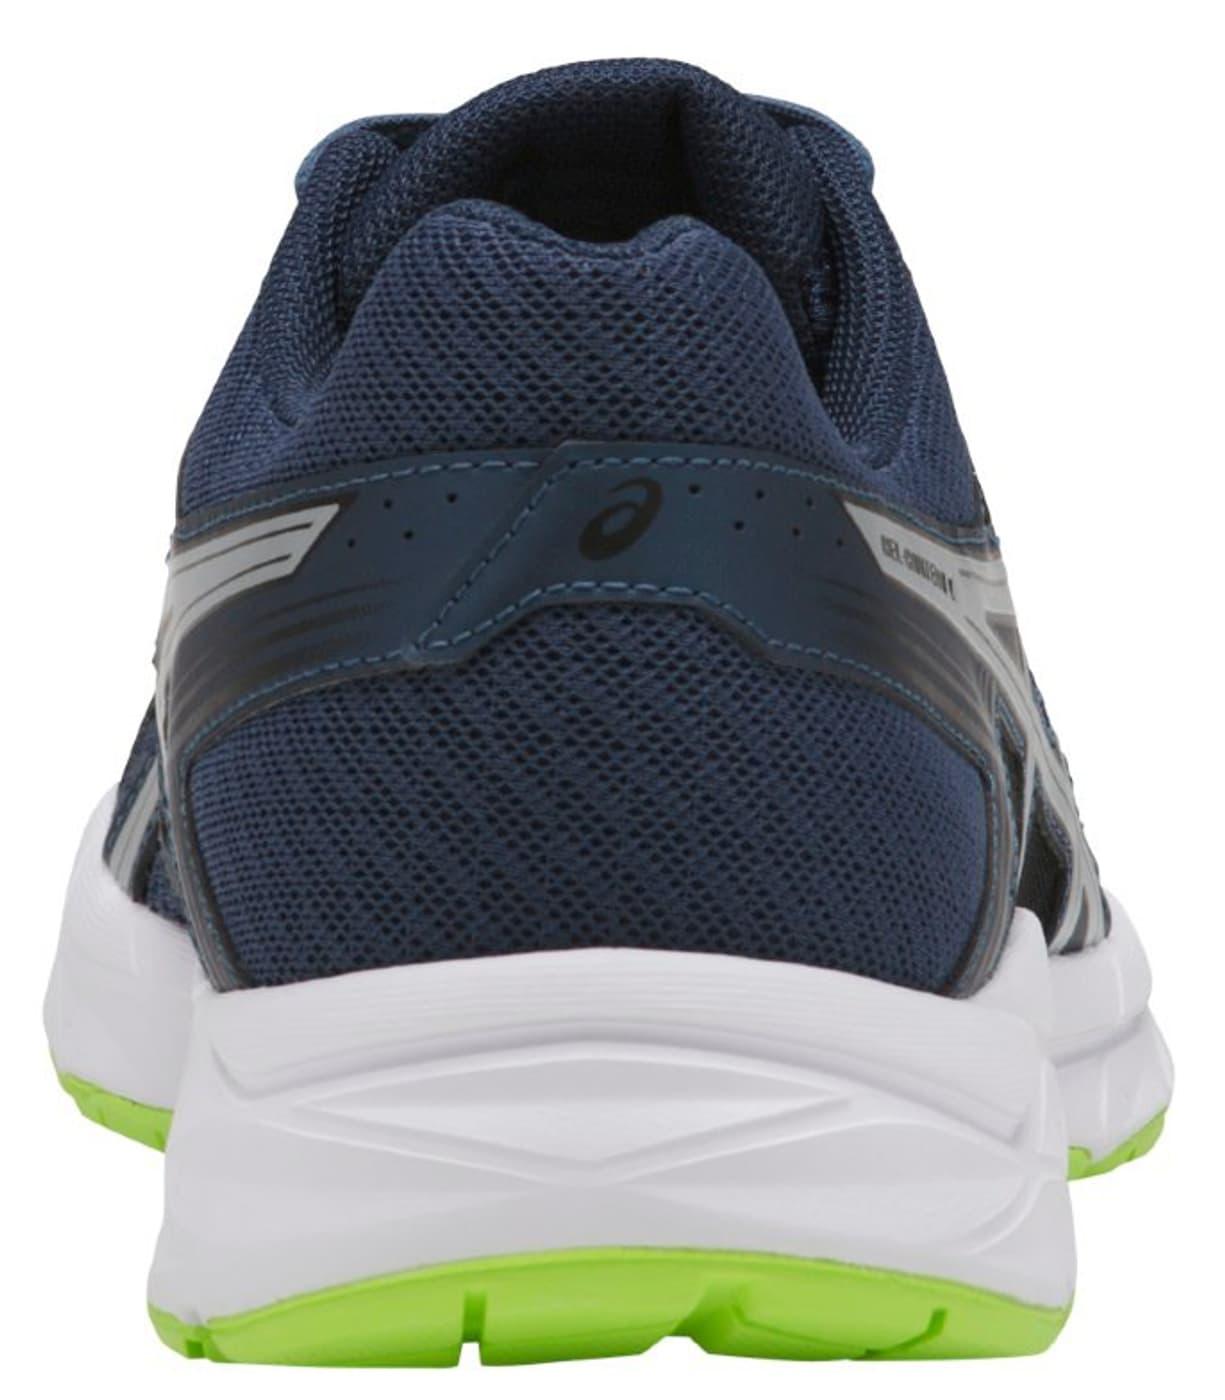 gel contend 4 homme chaussures running bleu asics